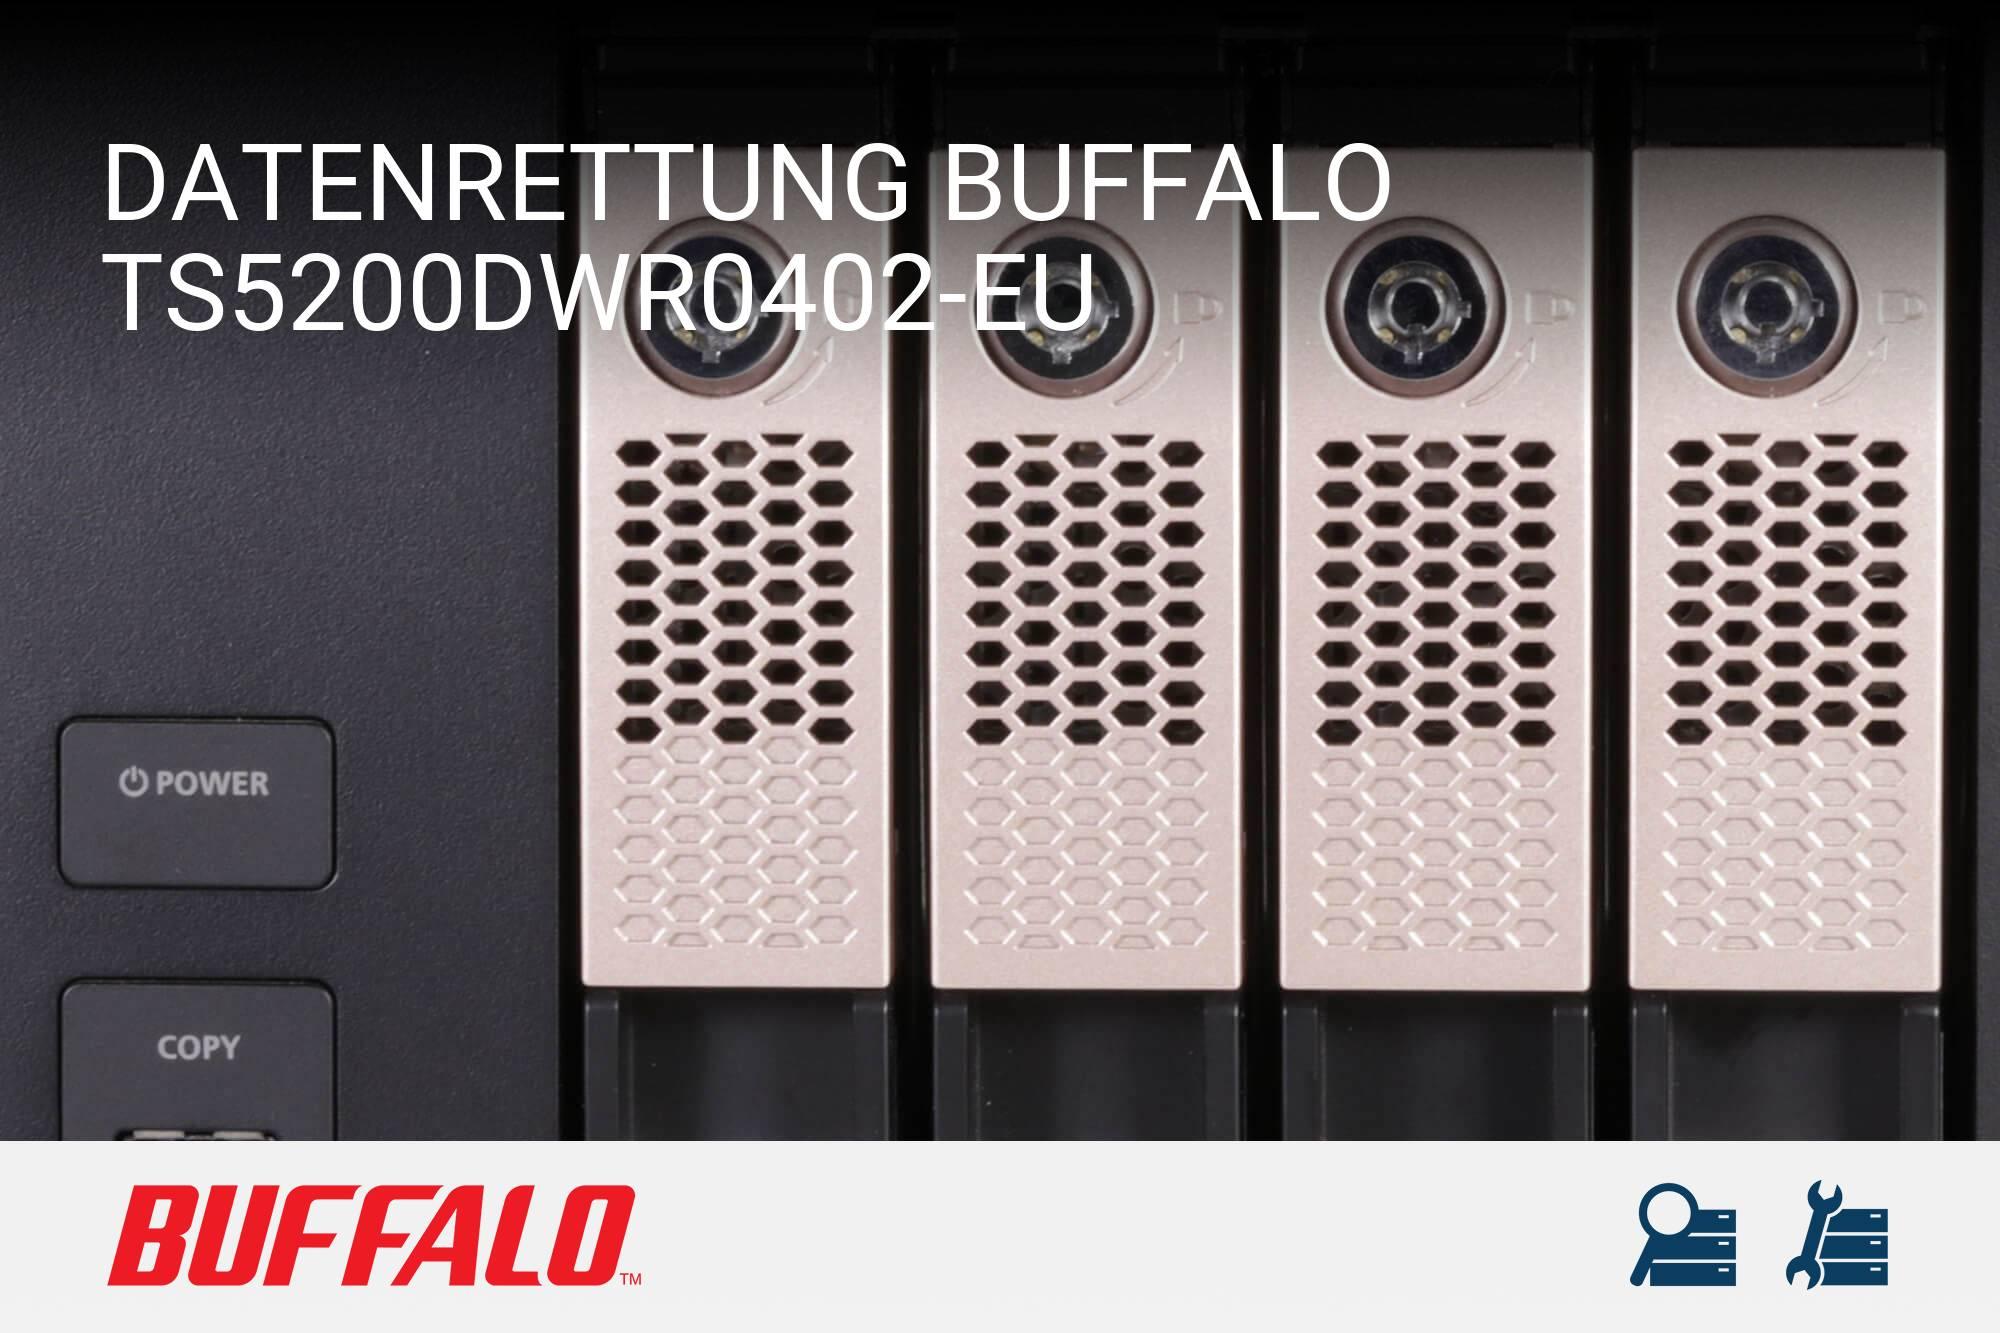 Buffalo TS5200DWR0402-EU